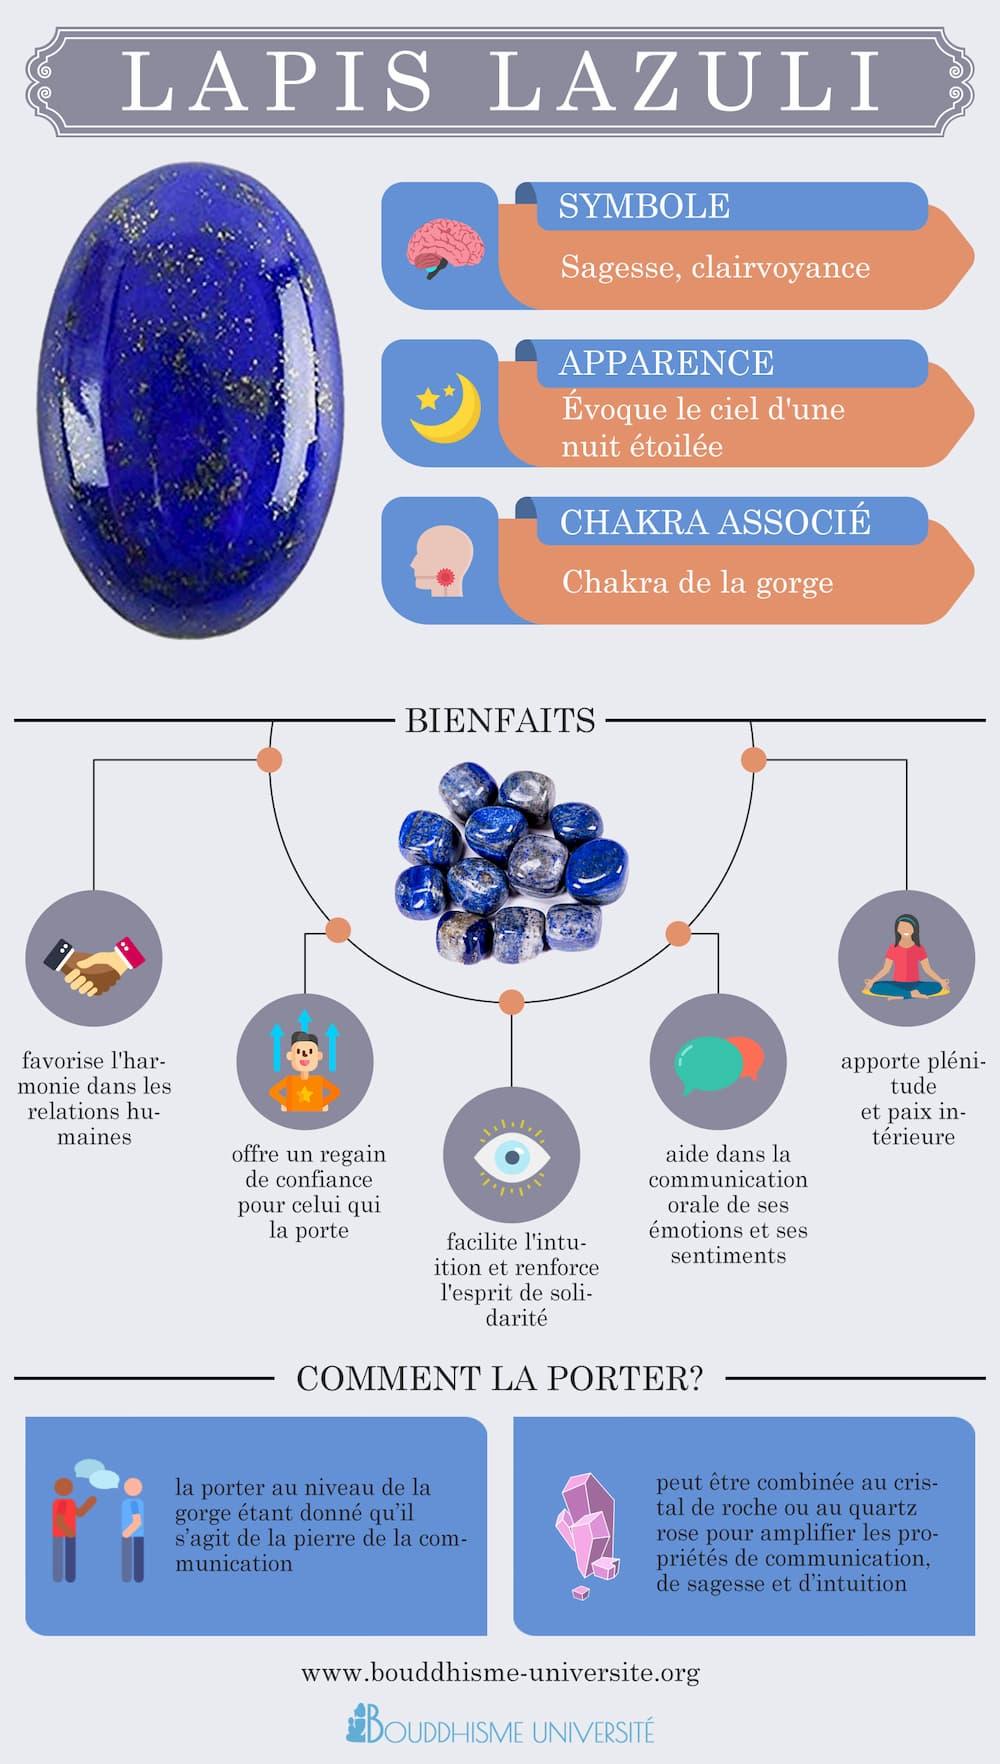 bienfaits lapis lazuli